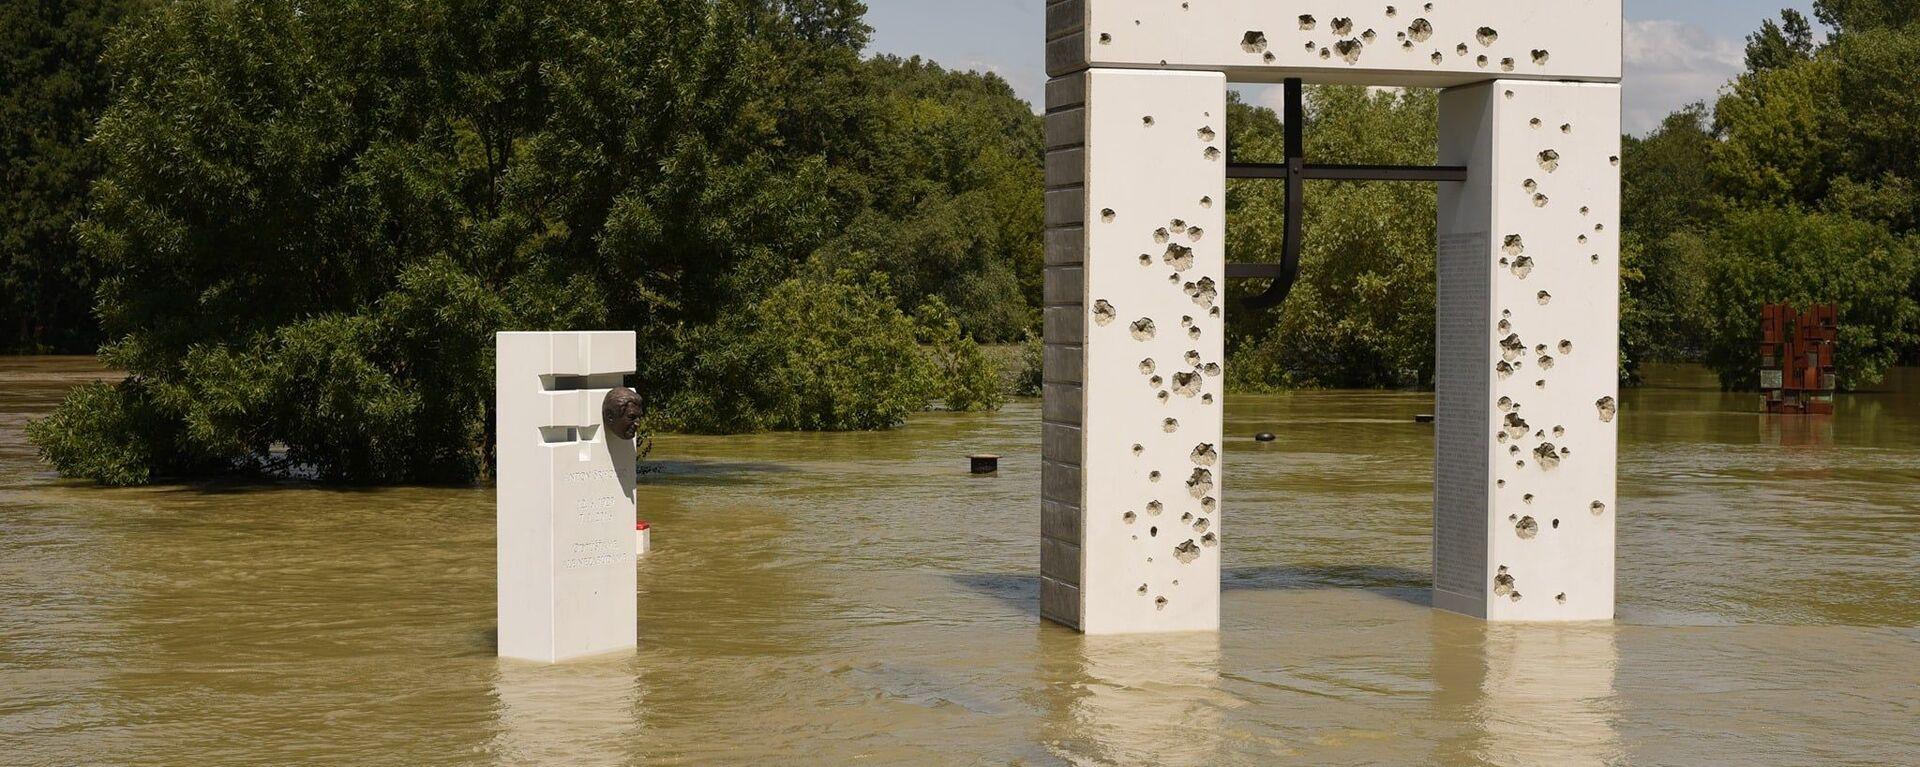 V pondělí stoupla hladina řeky Dunaj v Bratislavě - Sputnik Česká republika, 1920, 19.07.2021